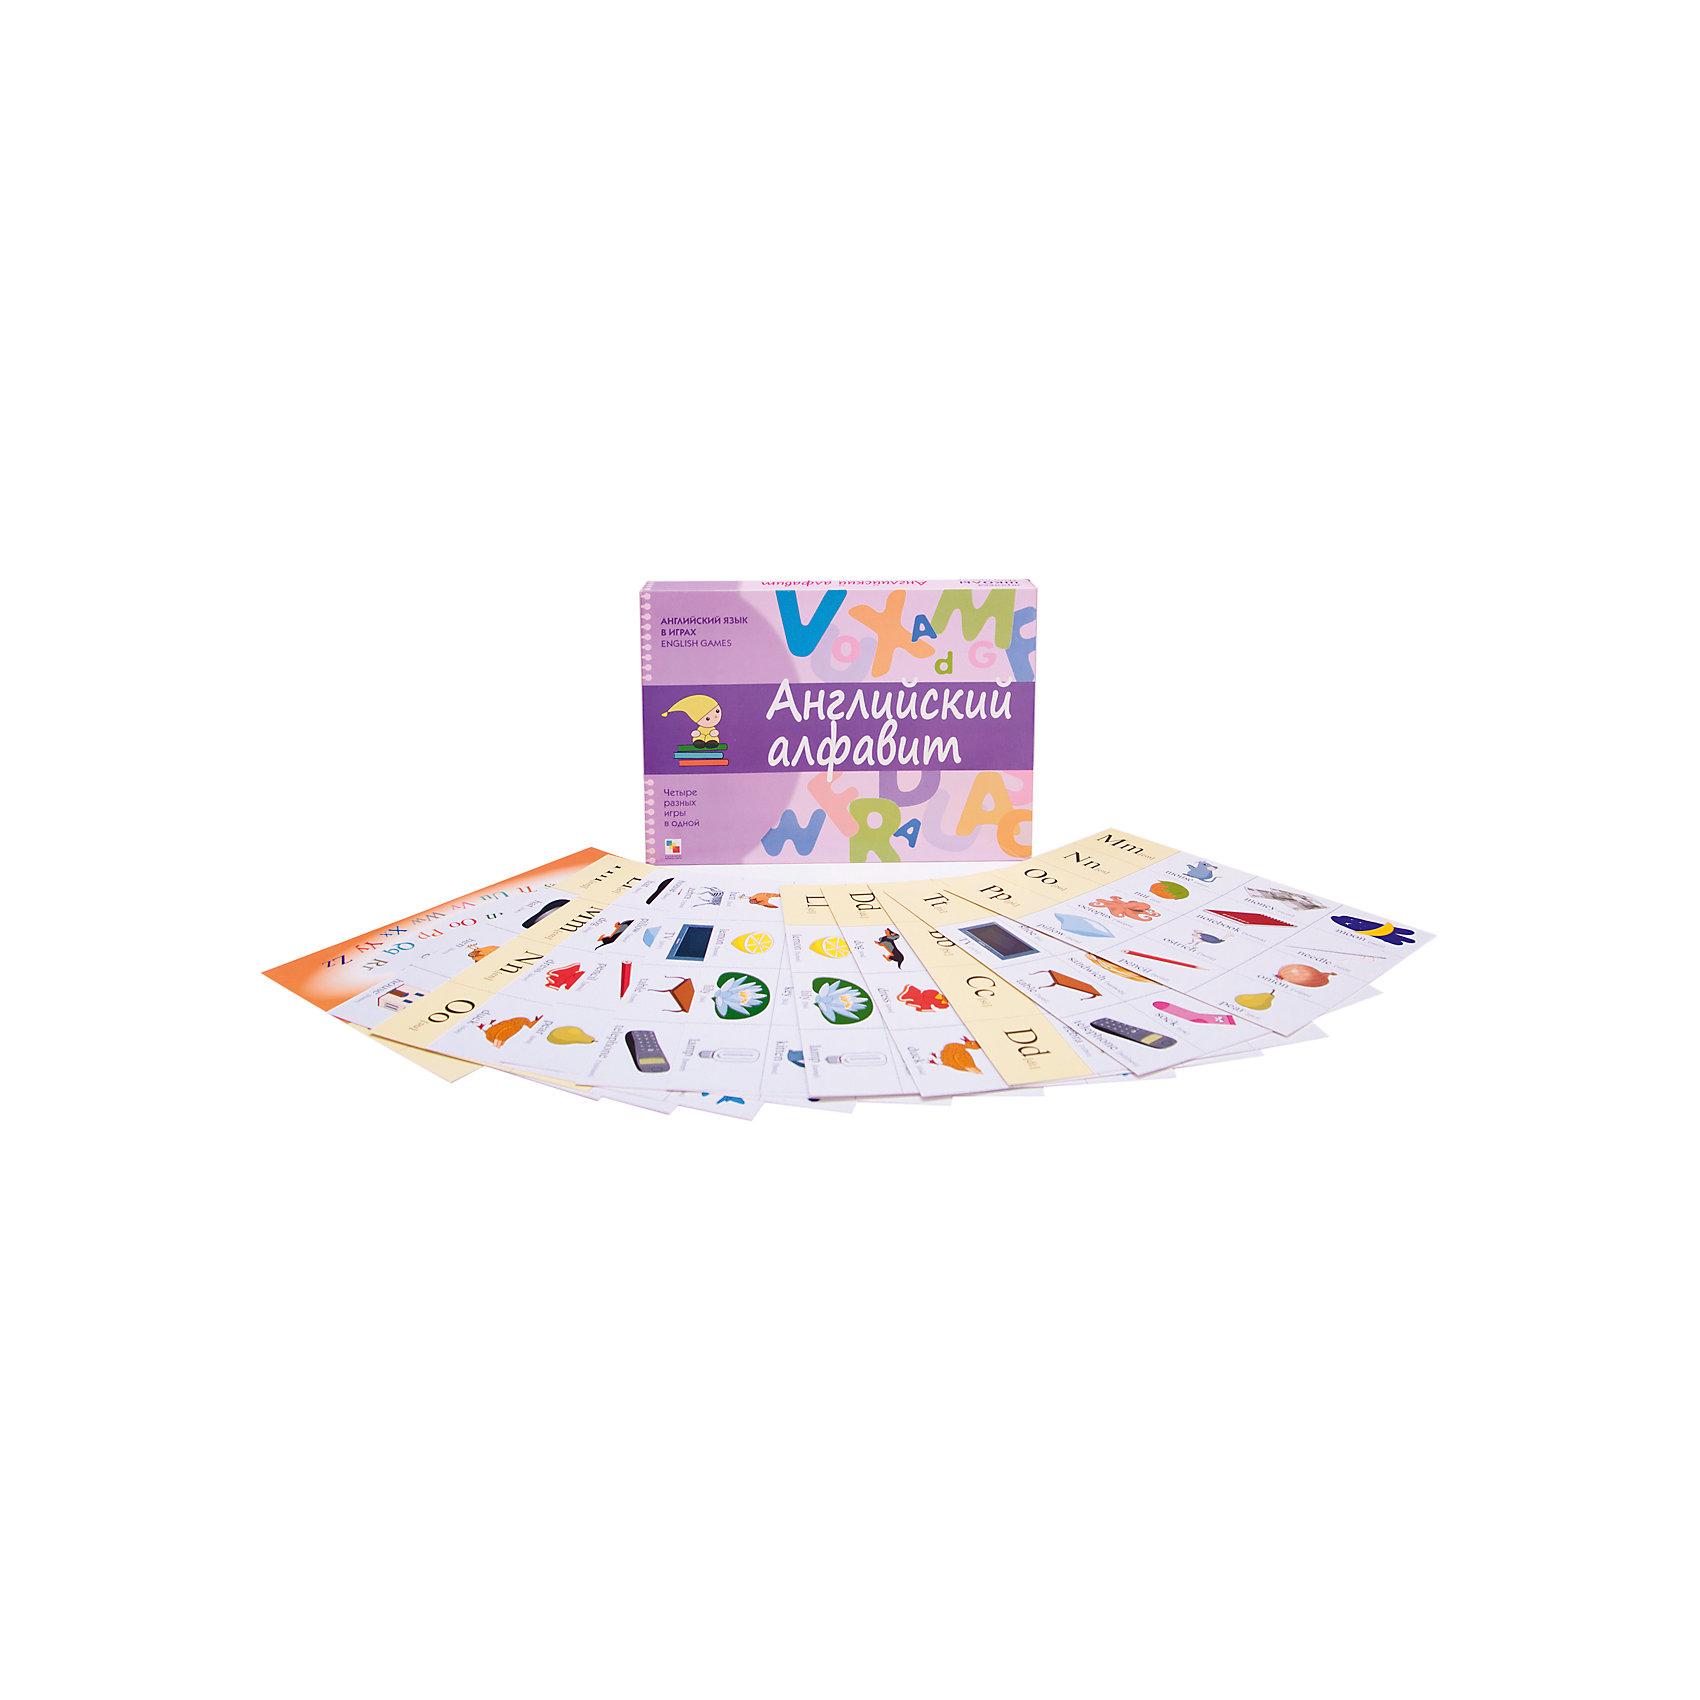 Карточки Английский язык в играх: английский алфавит, Школа семи гномовИностранный язык<br>Пособие Английский язык в играх. Английский алфавит, Школа семи гномов.<br><br>Характеристики:<br><br>• Издательство: МОЗАИКА-СИНТЕЗ<br>• ISBN: 4640005840179<br>• Тип: Развивающие игры<br>• Возраст: 4-5 лет.<br>• Размер упаковки: 290х210х40мм.<br>• Вес: 264г.<br>Состав игры: 12 листов, содержащих 23 карты для лото, 69 маленьких карт с картинками, 23 маленьких карты с буквами, инструкция <br><br>Варианты игр с набором Алфавит Школа семи гномов:<br><br>ЛОТО ABC.<br>Игра научит узнавать английские слова и буквы. Ведущий берет по одной маленькой карточке, зачитывает слова или буквы, а участники закрывают их на большой карточке.<br><br>Английские слова.<br>Игра способствует быстрому воспроизведению английских слов. Участники должны как можно быстрее произнести по - английски то, что изображено на карточках, которые показывает им ведущий.<br><br>Алфавит<br>Игра ориентирована на закрепление знаний алфавита. Участникам раздаются карточки с буквами, на которую они должны подобрать карточки со словами.<br><br>Разложи картинки.<br>Игра учит запоминать и правильно воспроизводить слова. Участники раскладывают карточки по стопкам, чтобы в каждой из них слова начинались на одну и ту же букву.<br><br>Пособие Английский язык в играх. Английский алфавит, Школа семи гномов, можно купить в нашем интернет – магазине<br><br>Ширина мм: 40<br>Глубина мм: 290<br>Высота мм: 210<br>Вес г: 264<br>Возраст от месяцев: 60<br>Возраст до месяцев: 72<br>Пол: Унисекс<br>Возраст: Детский<br>SKU: 5428882